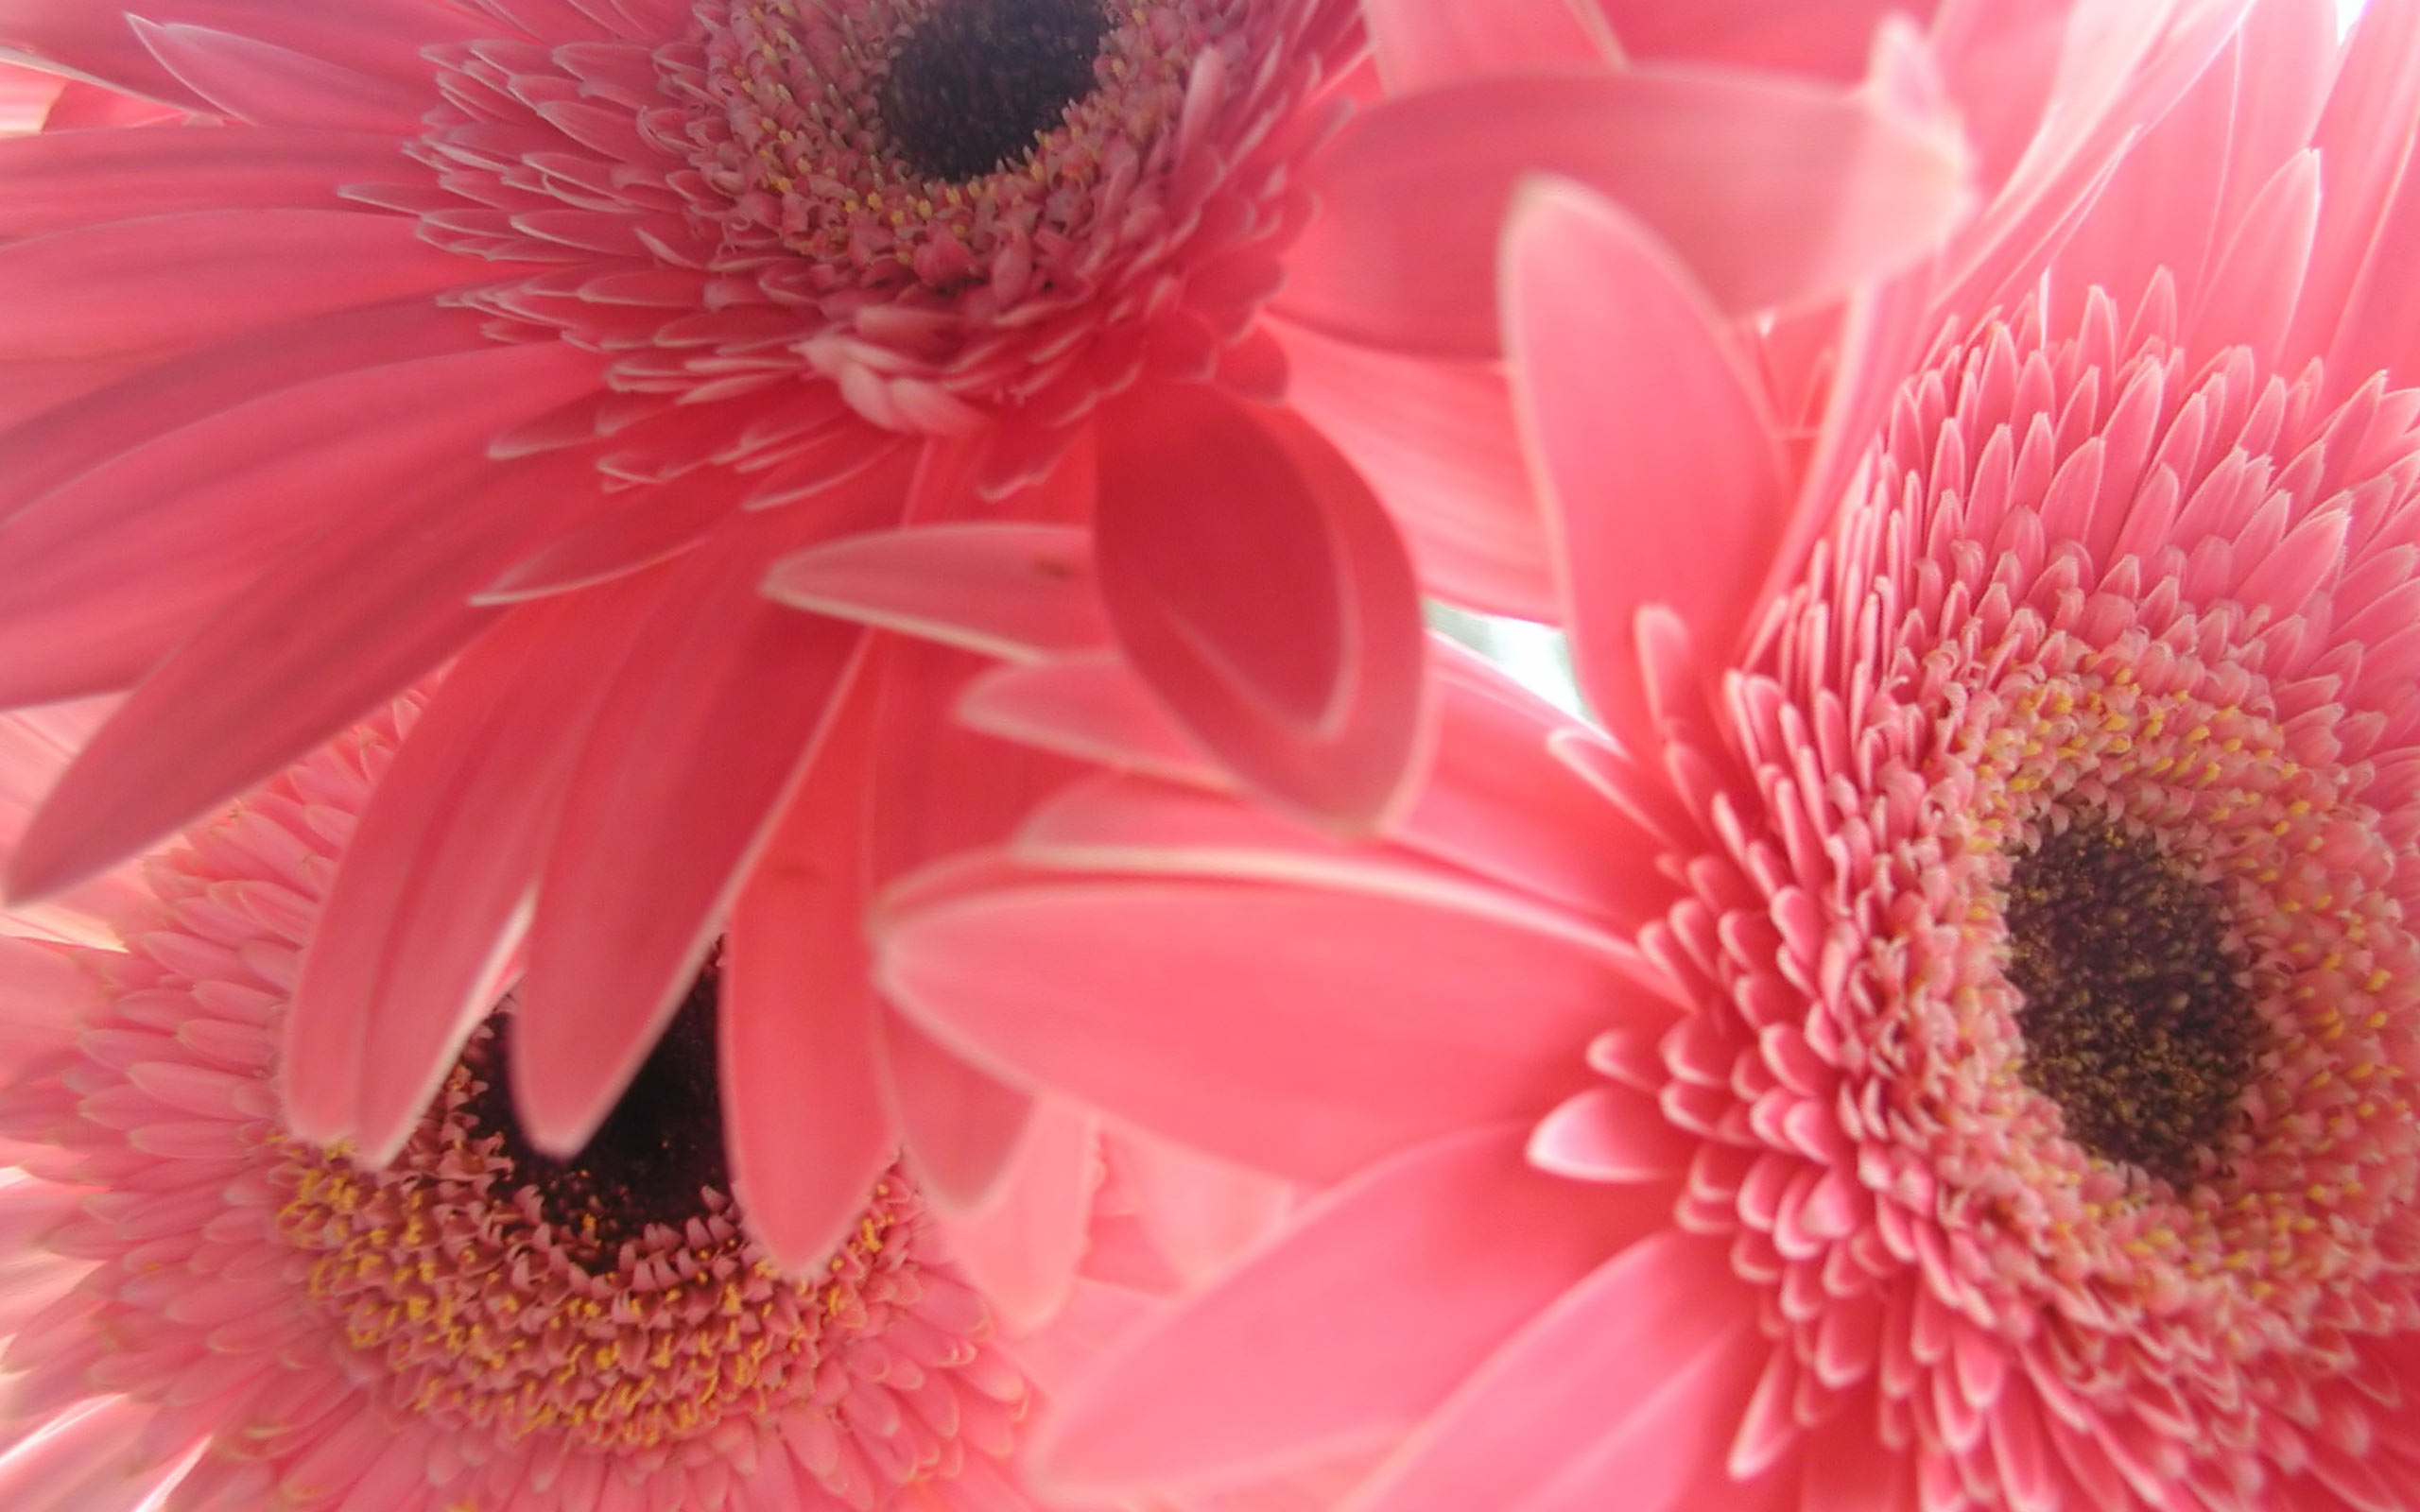 Flowers pink gerbera flower gerber daisy wallpaper - Gerber daisy wallpaper ...